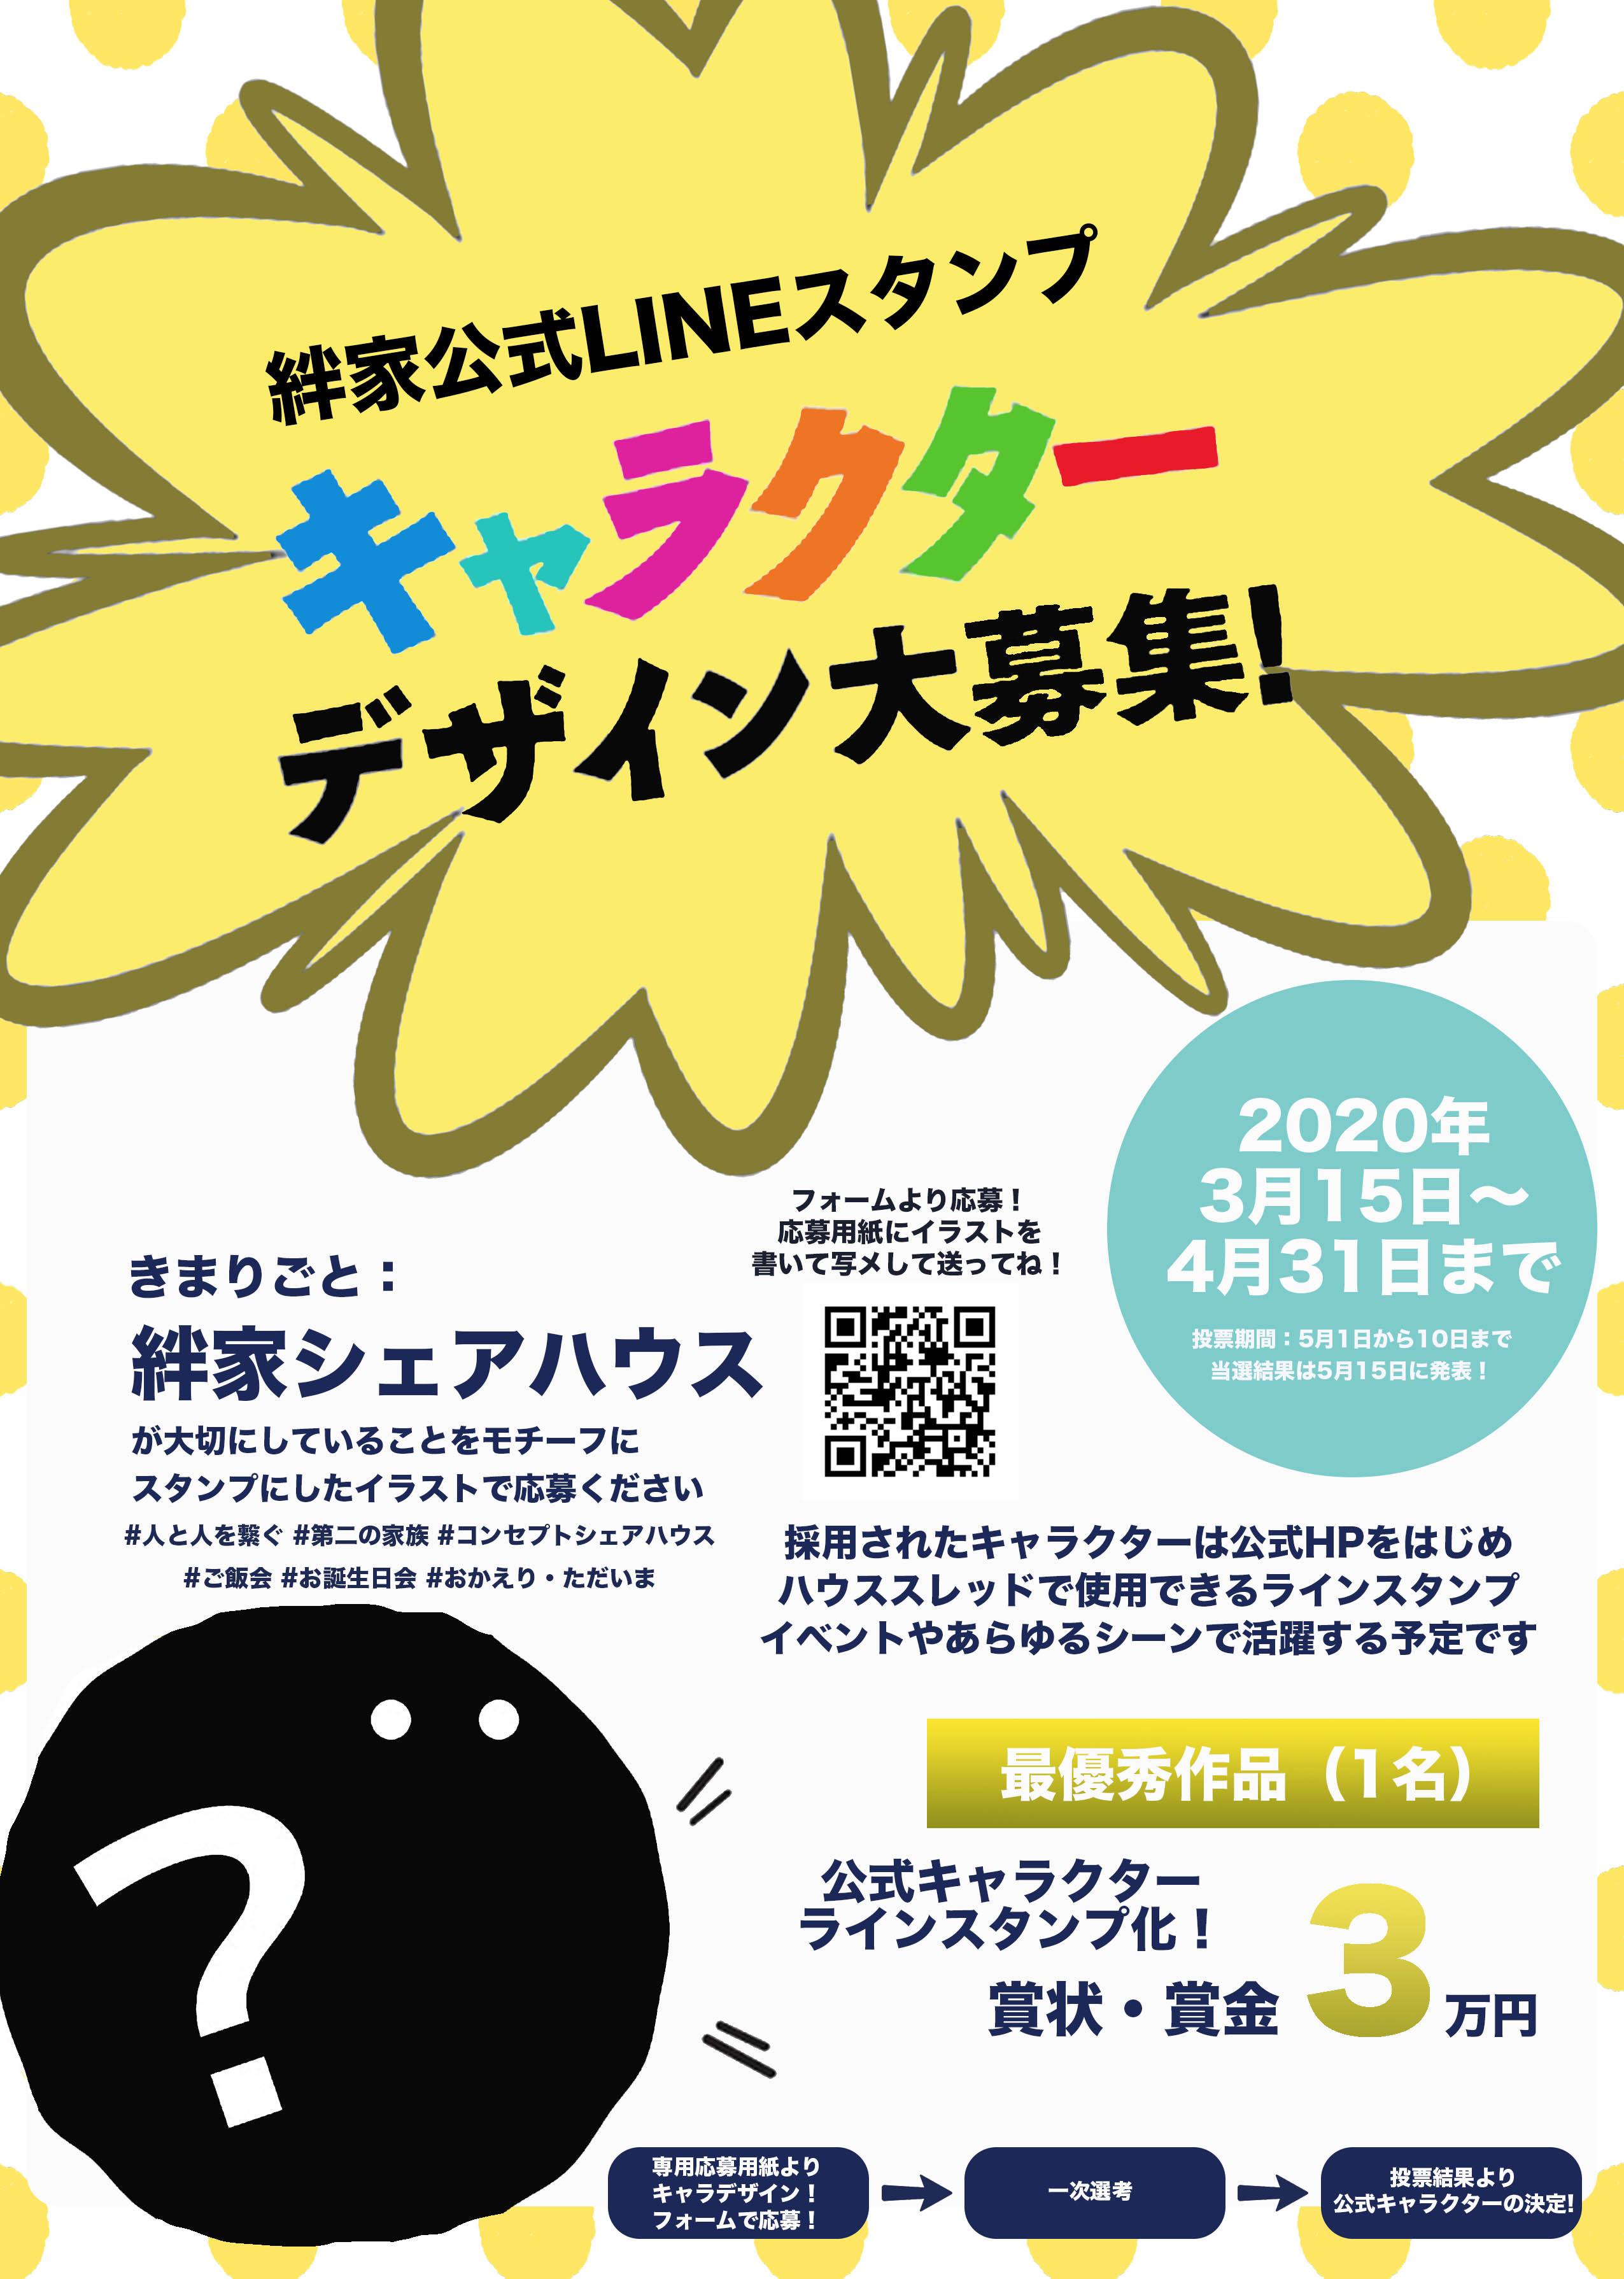 \絆家公式ラインスタンプキャラクター大募集!/当選者は賞金3万円!